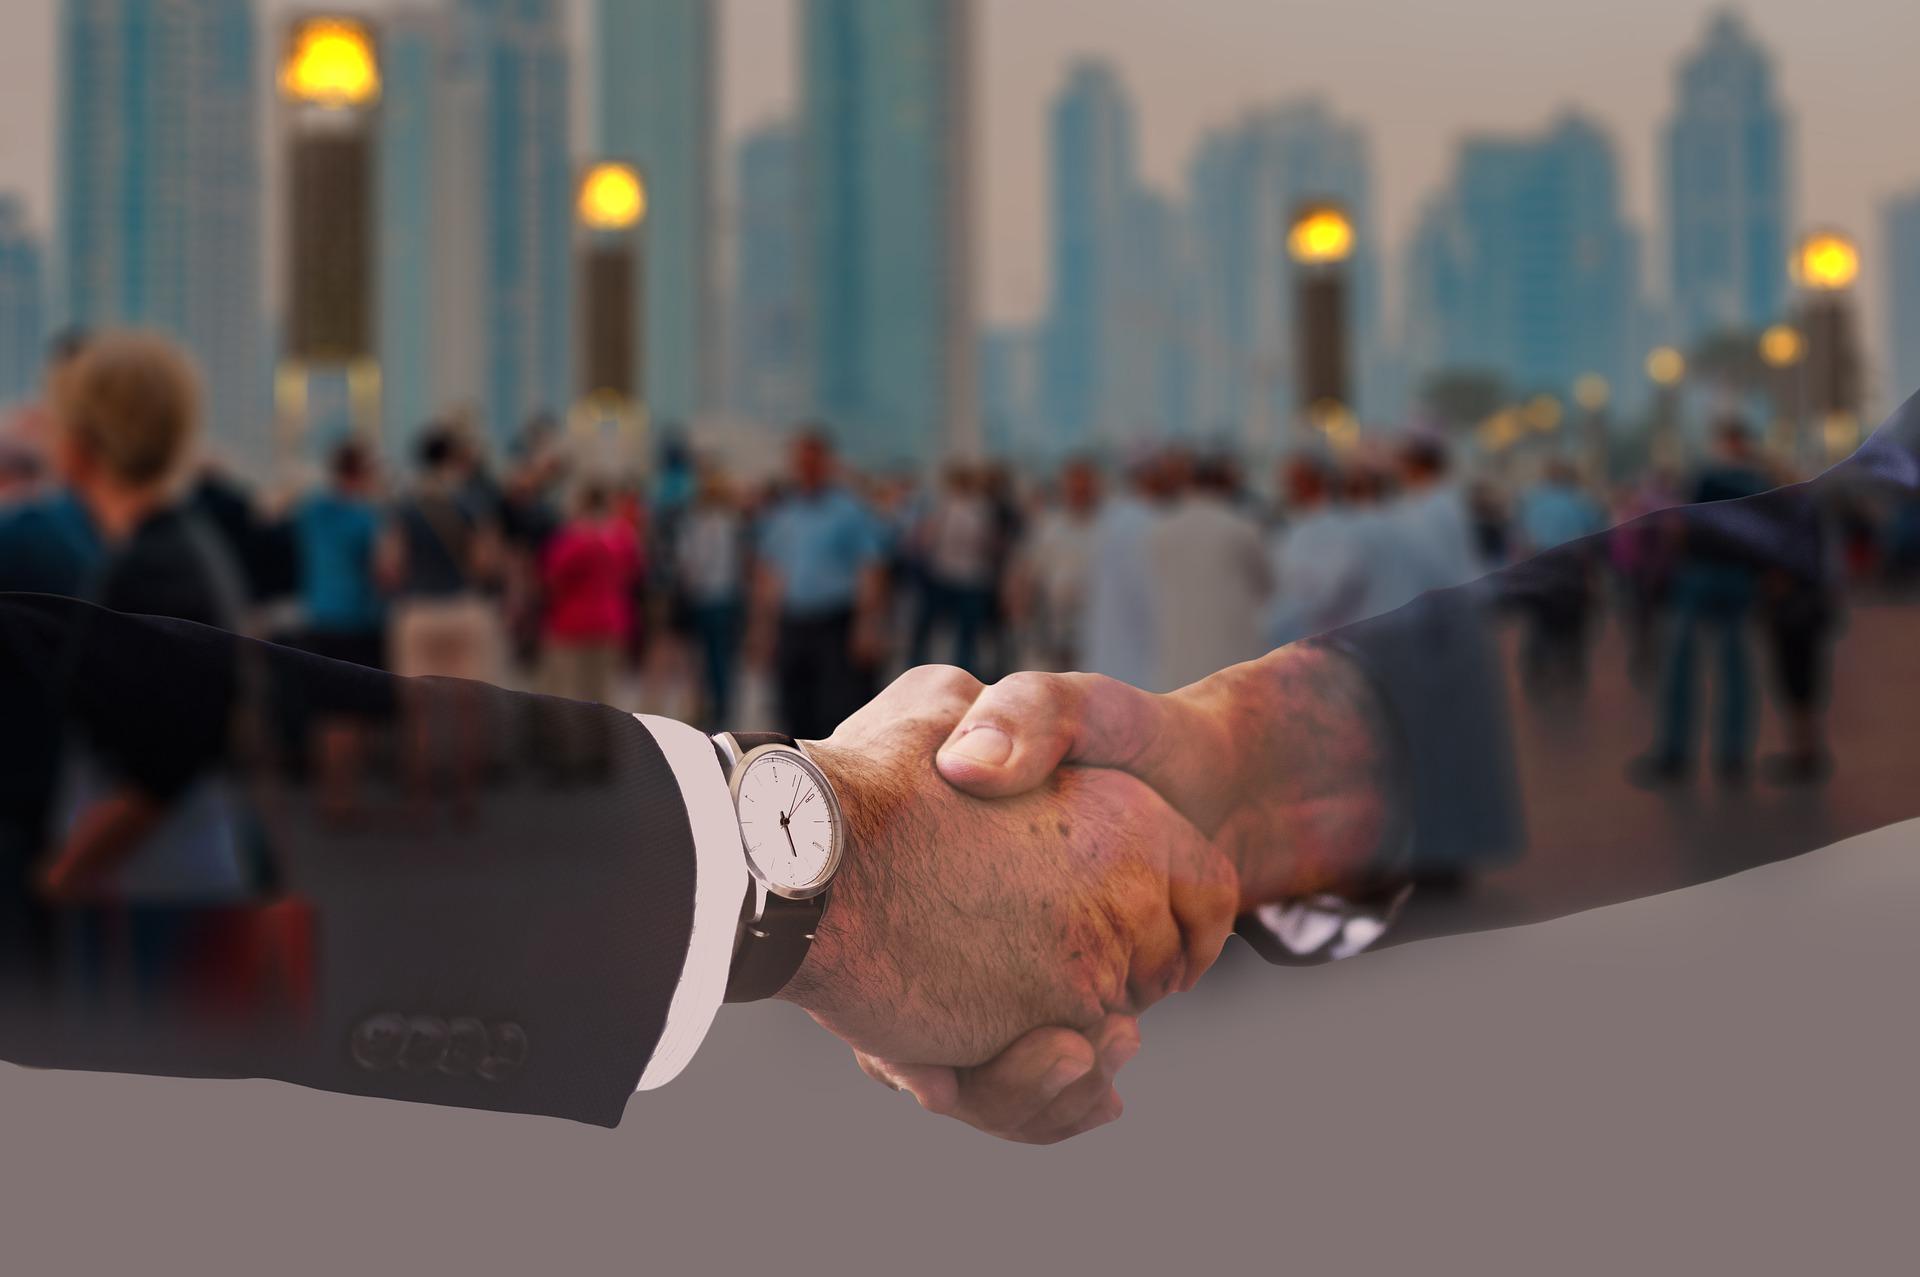 handshake-4229701_1920